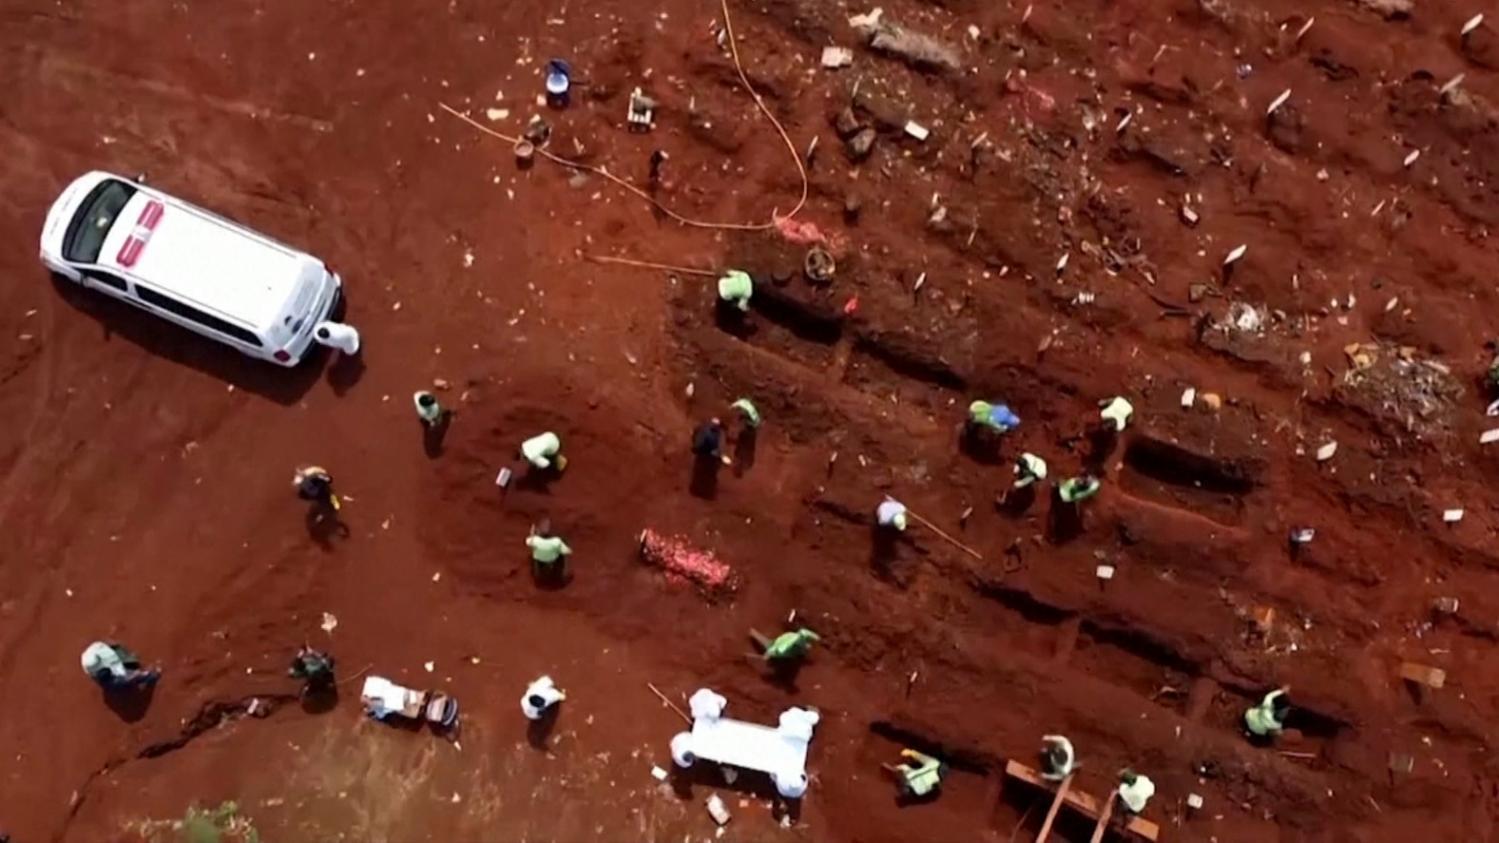 VIDEO. En Indonésie, un cimetière submergé par les morts du Covid-19